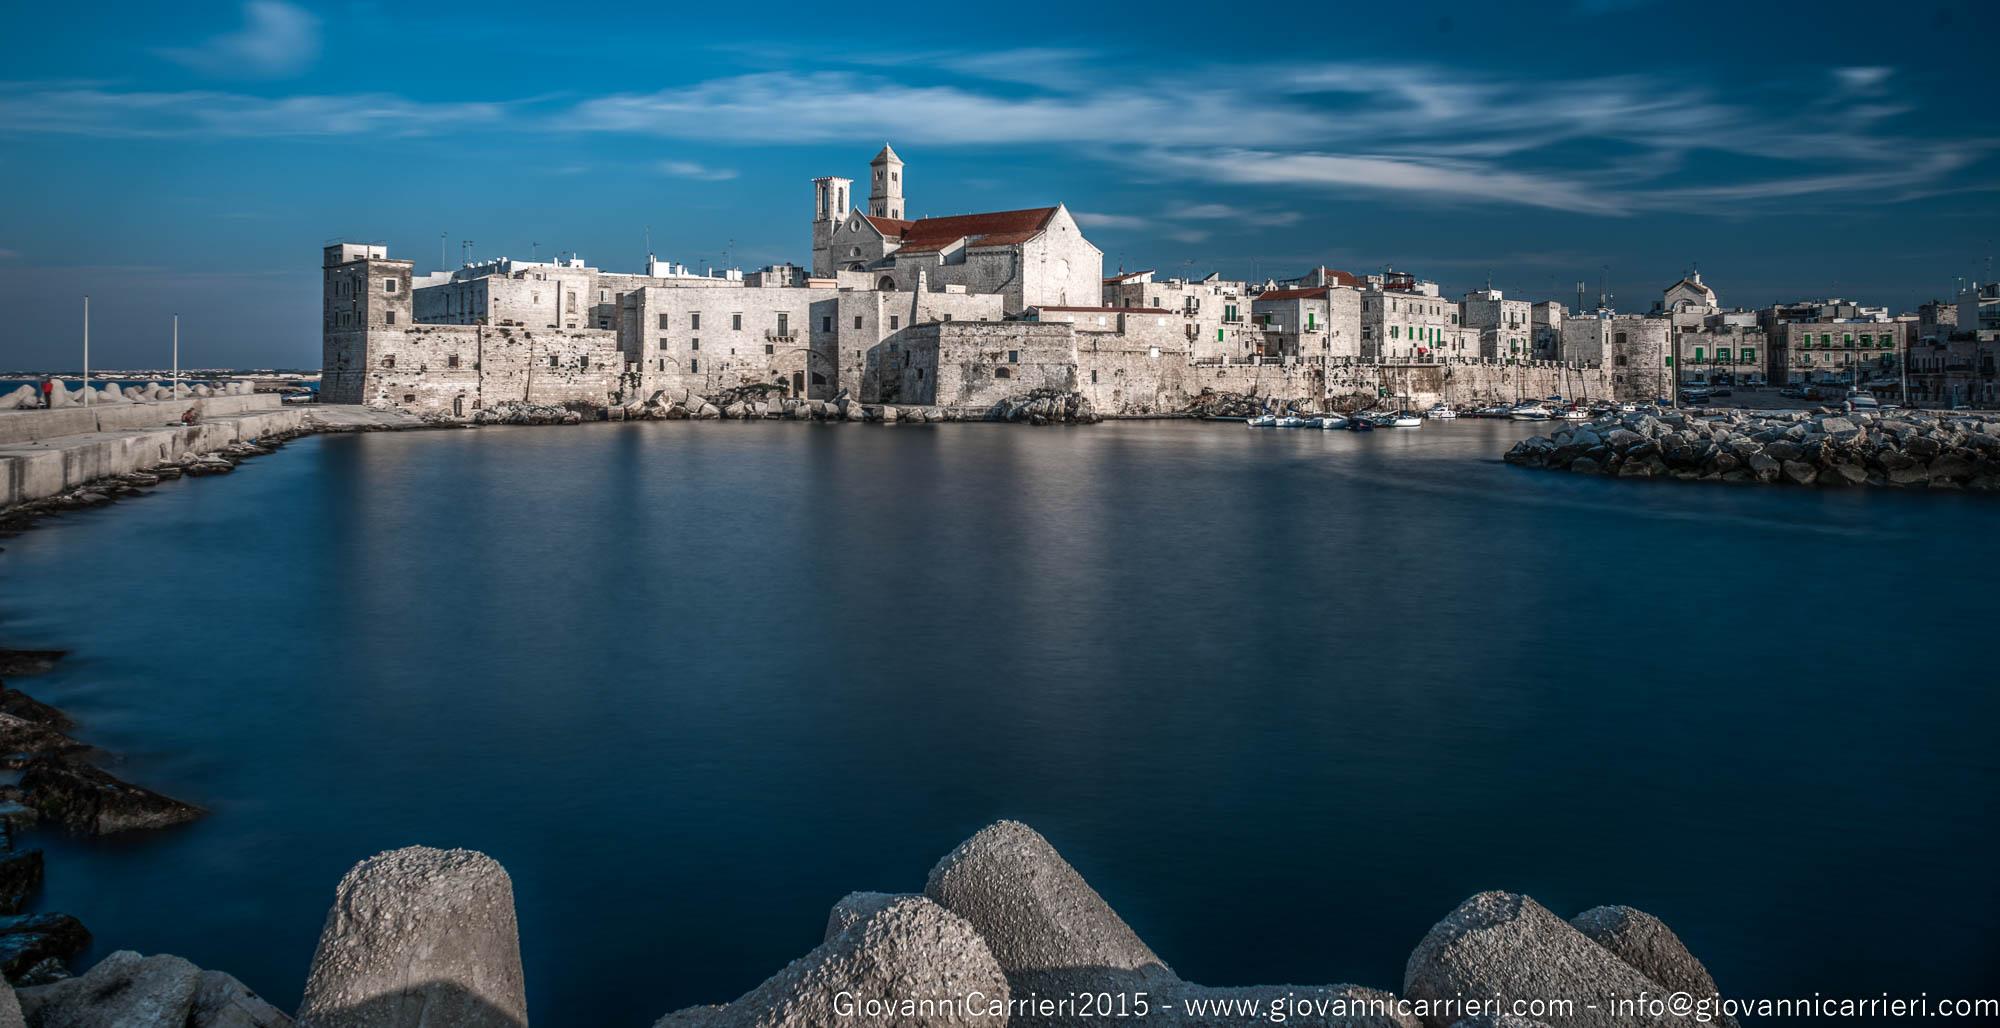 Il panorama del porto di Giovinazzo - Bari